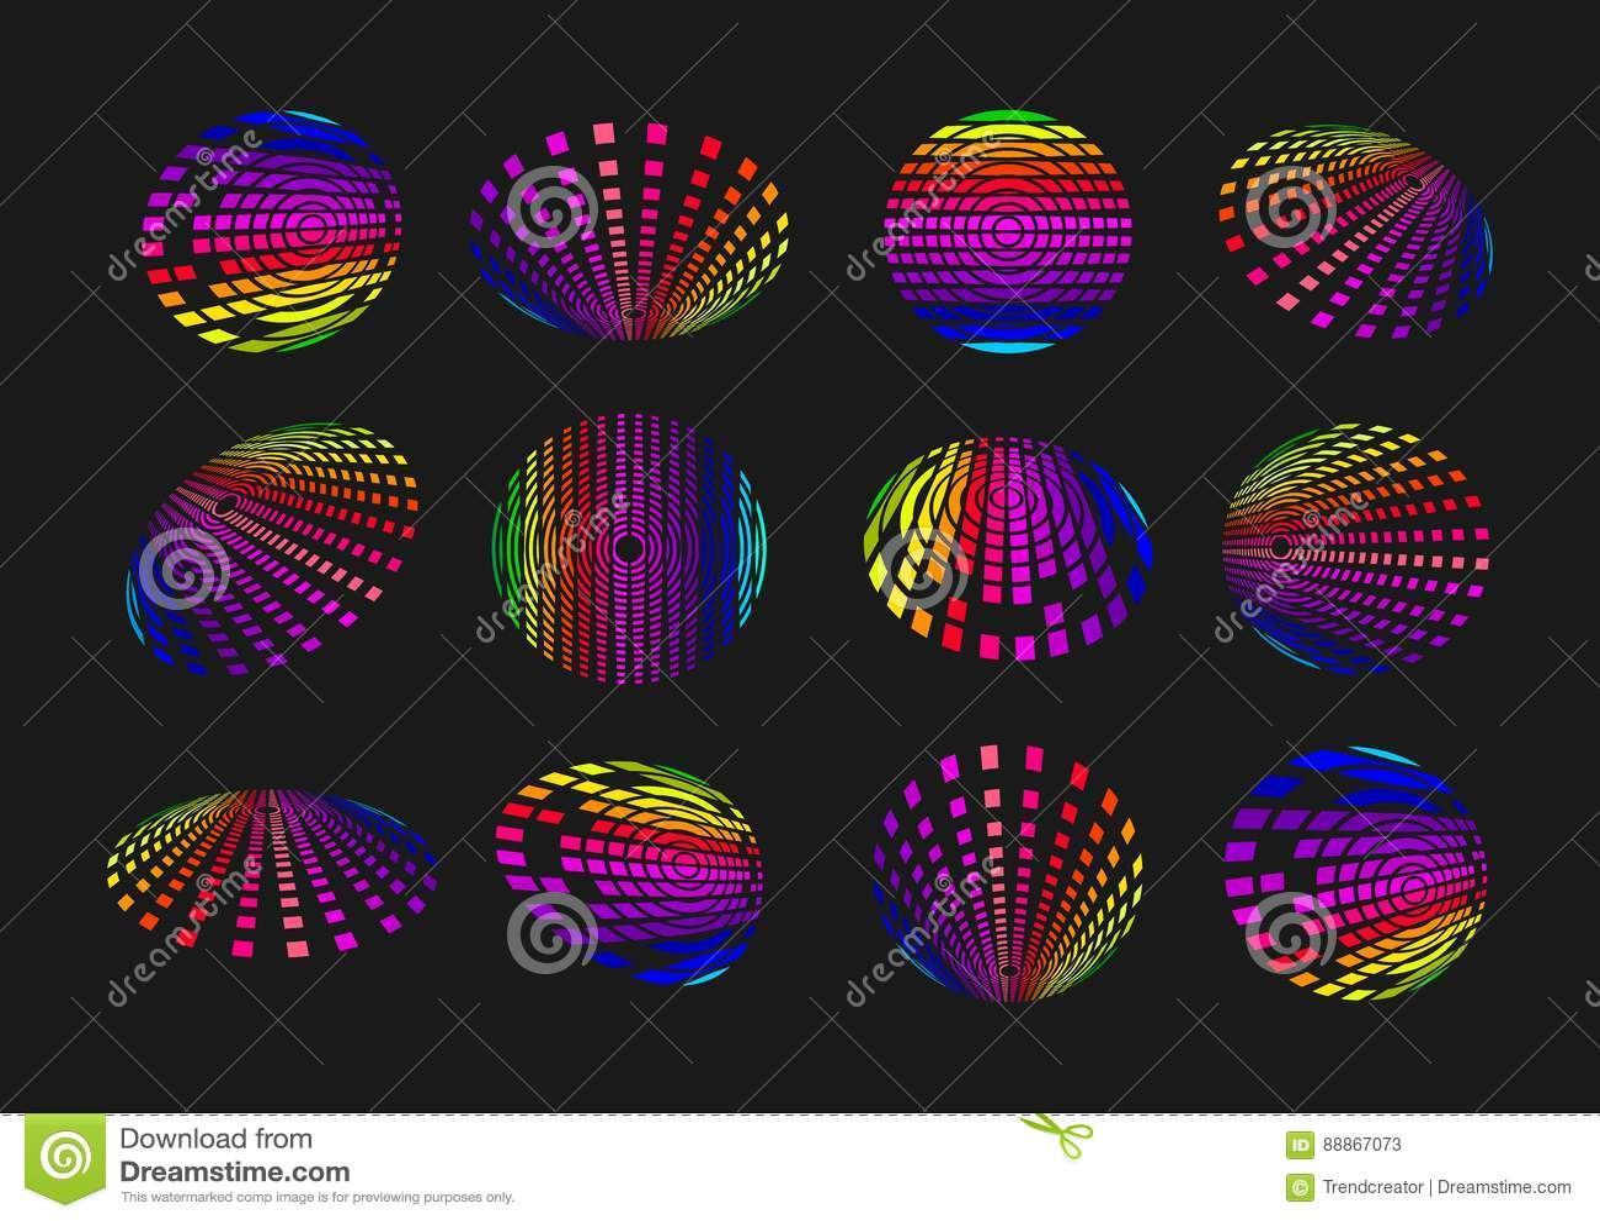 球形轻的技术商标、地球合理的象、现代标志通信、数字资料元素和连接技术构思设计